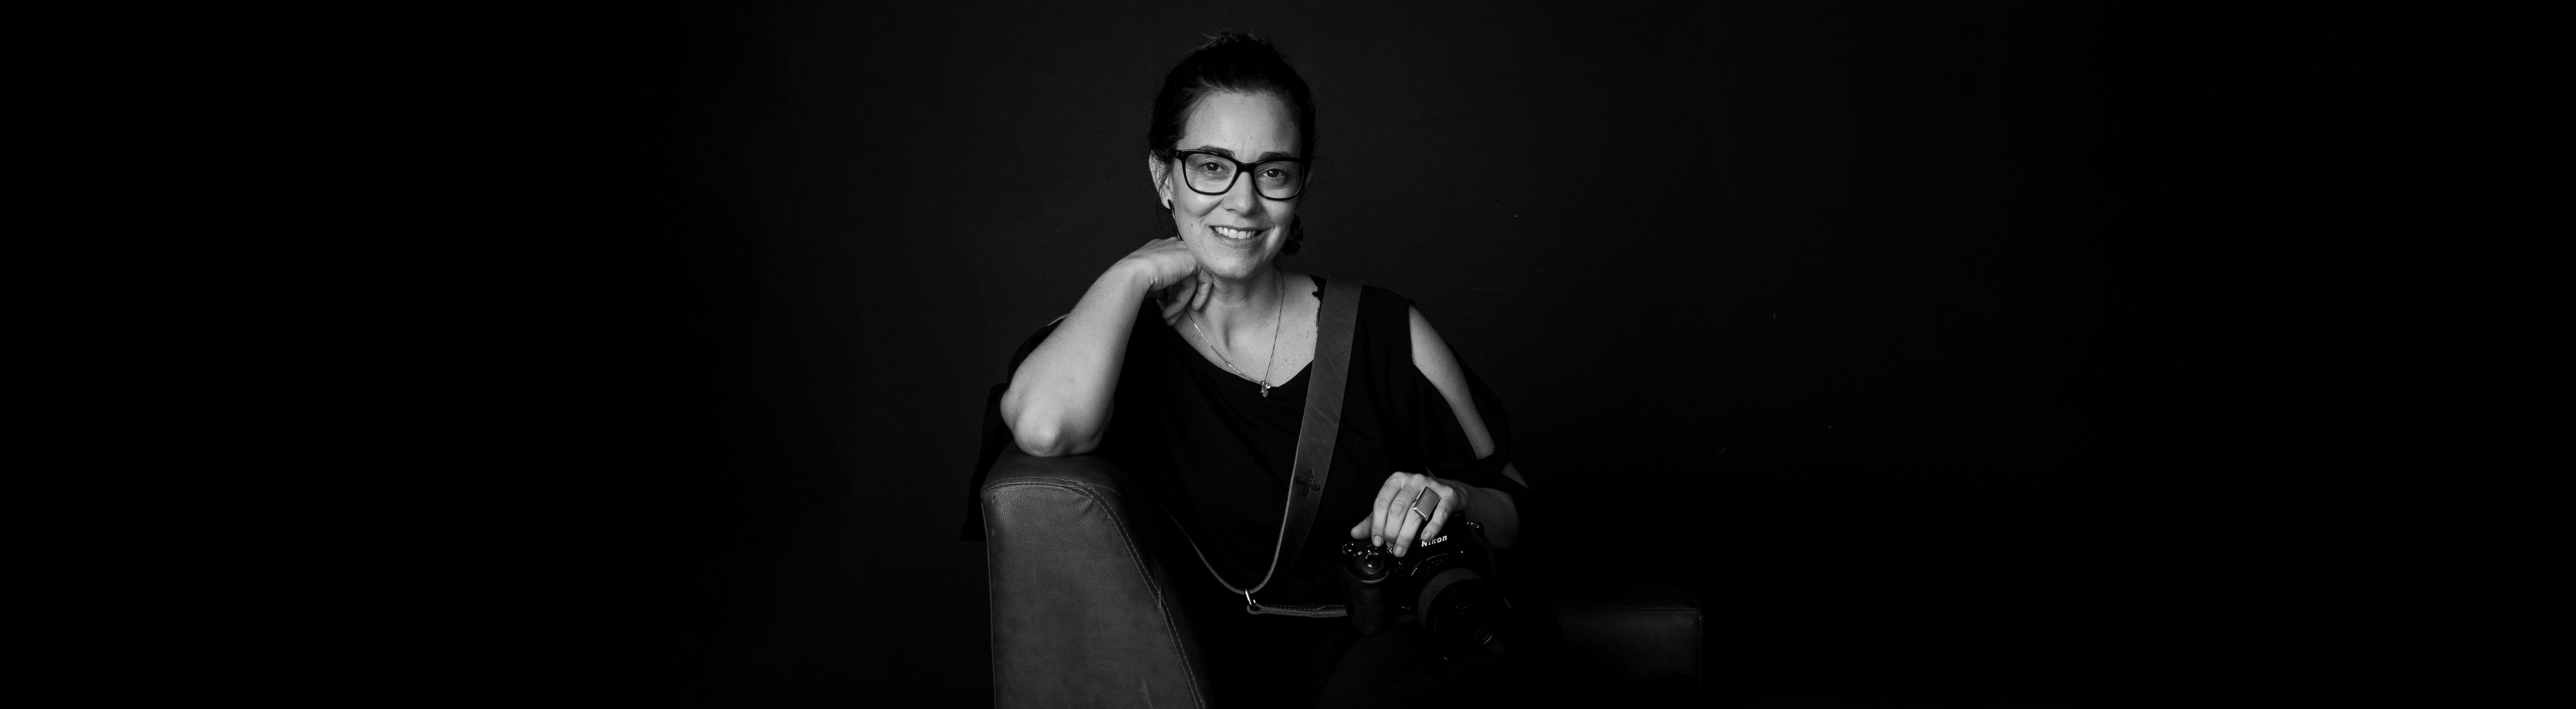 Sobre Fernanda Greppe: Fotógrafa de Família e Retratos - Florianópolis